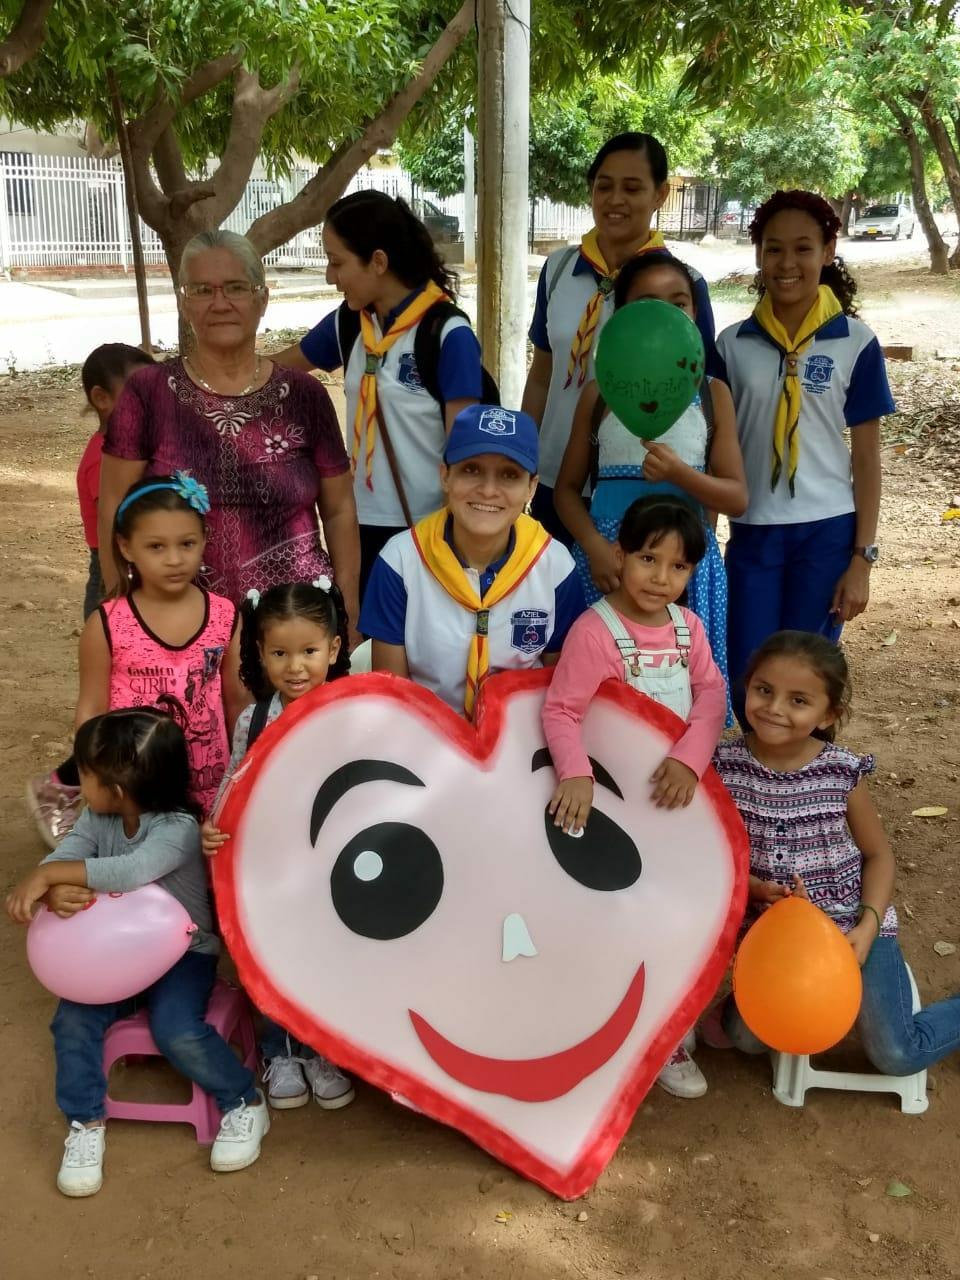 La iniciativa QVS y el valor del servicio en Valledupar